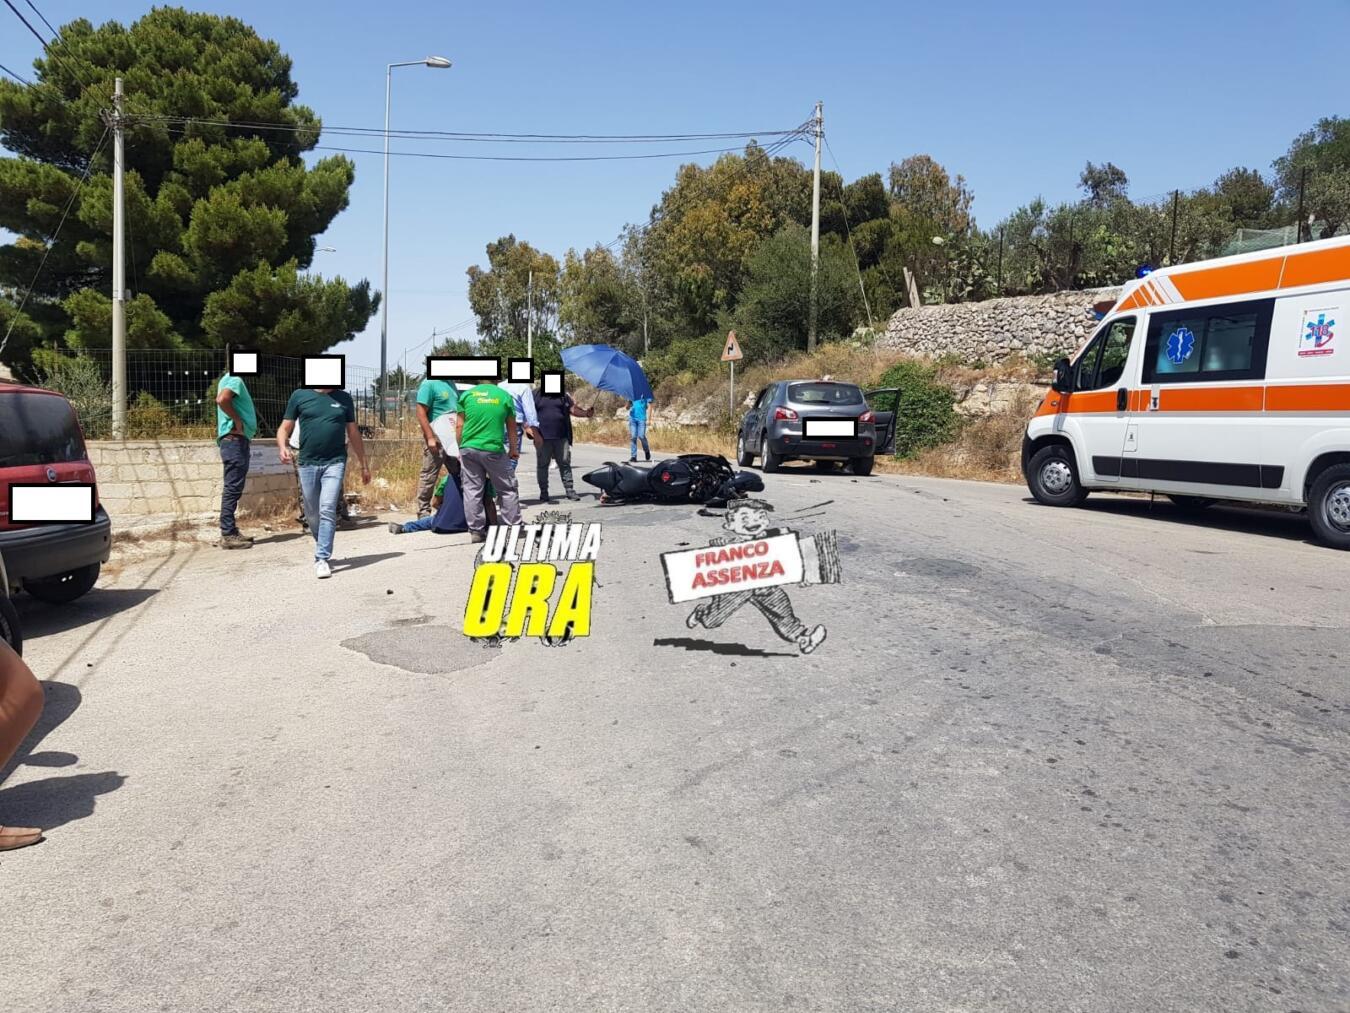 Incidente Scicli - Foto Franco Assenza (5)